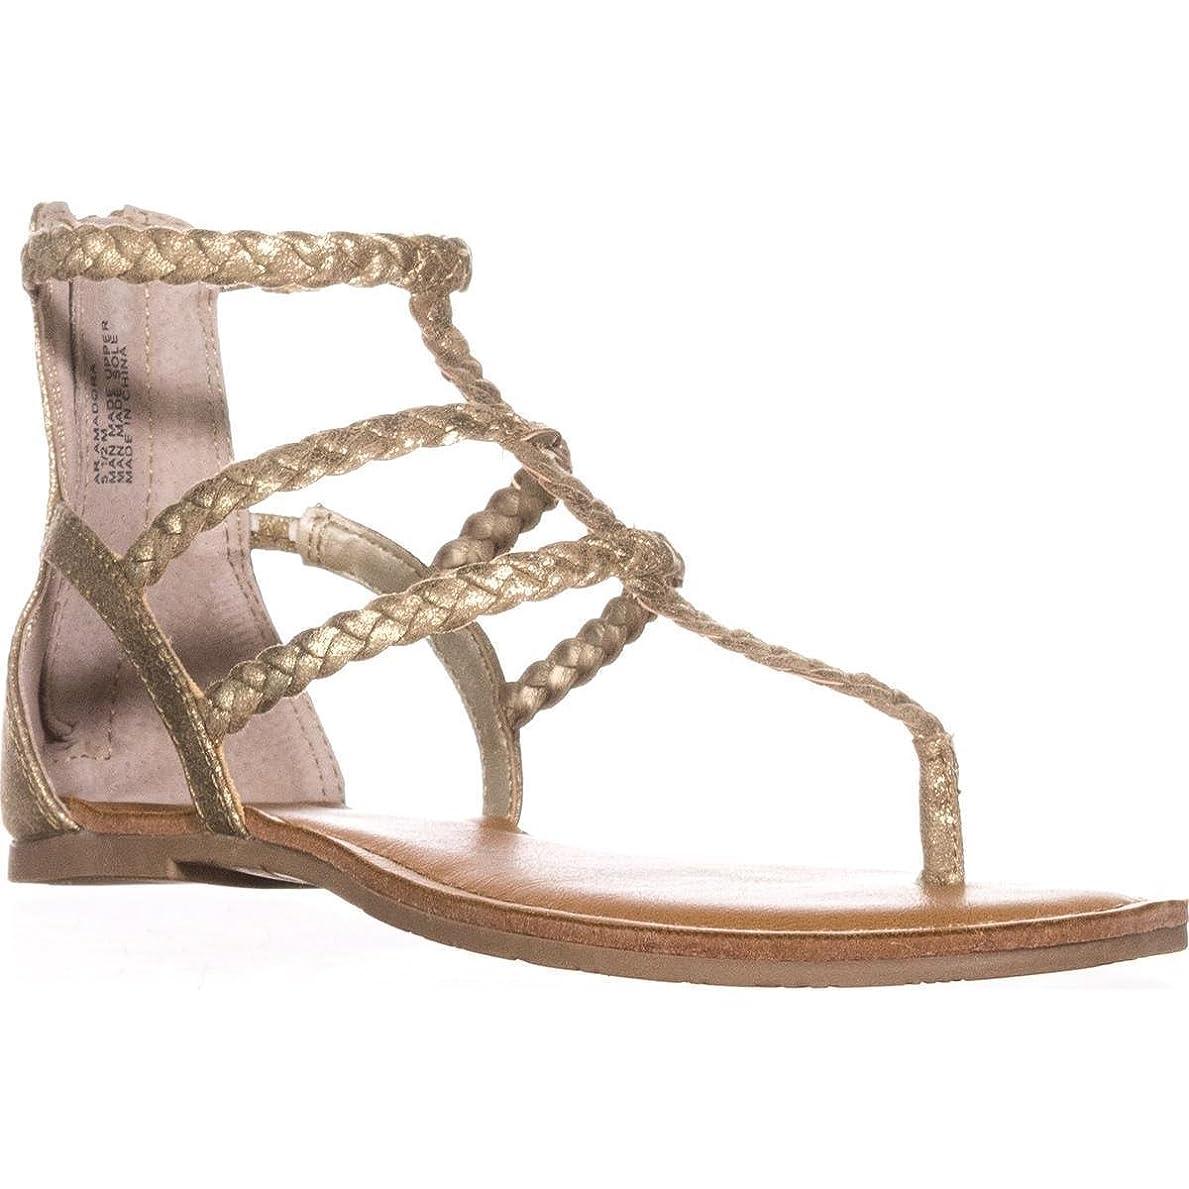 操縦する請求可能責任American Rag Womens Madora Open Toe Casual Flat Sandals, Gold, Size 7